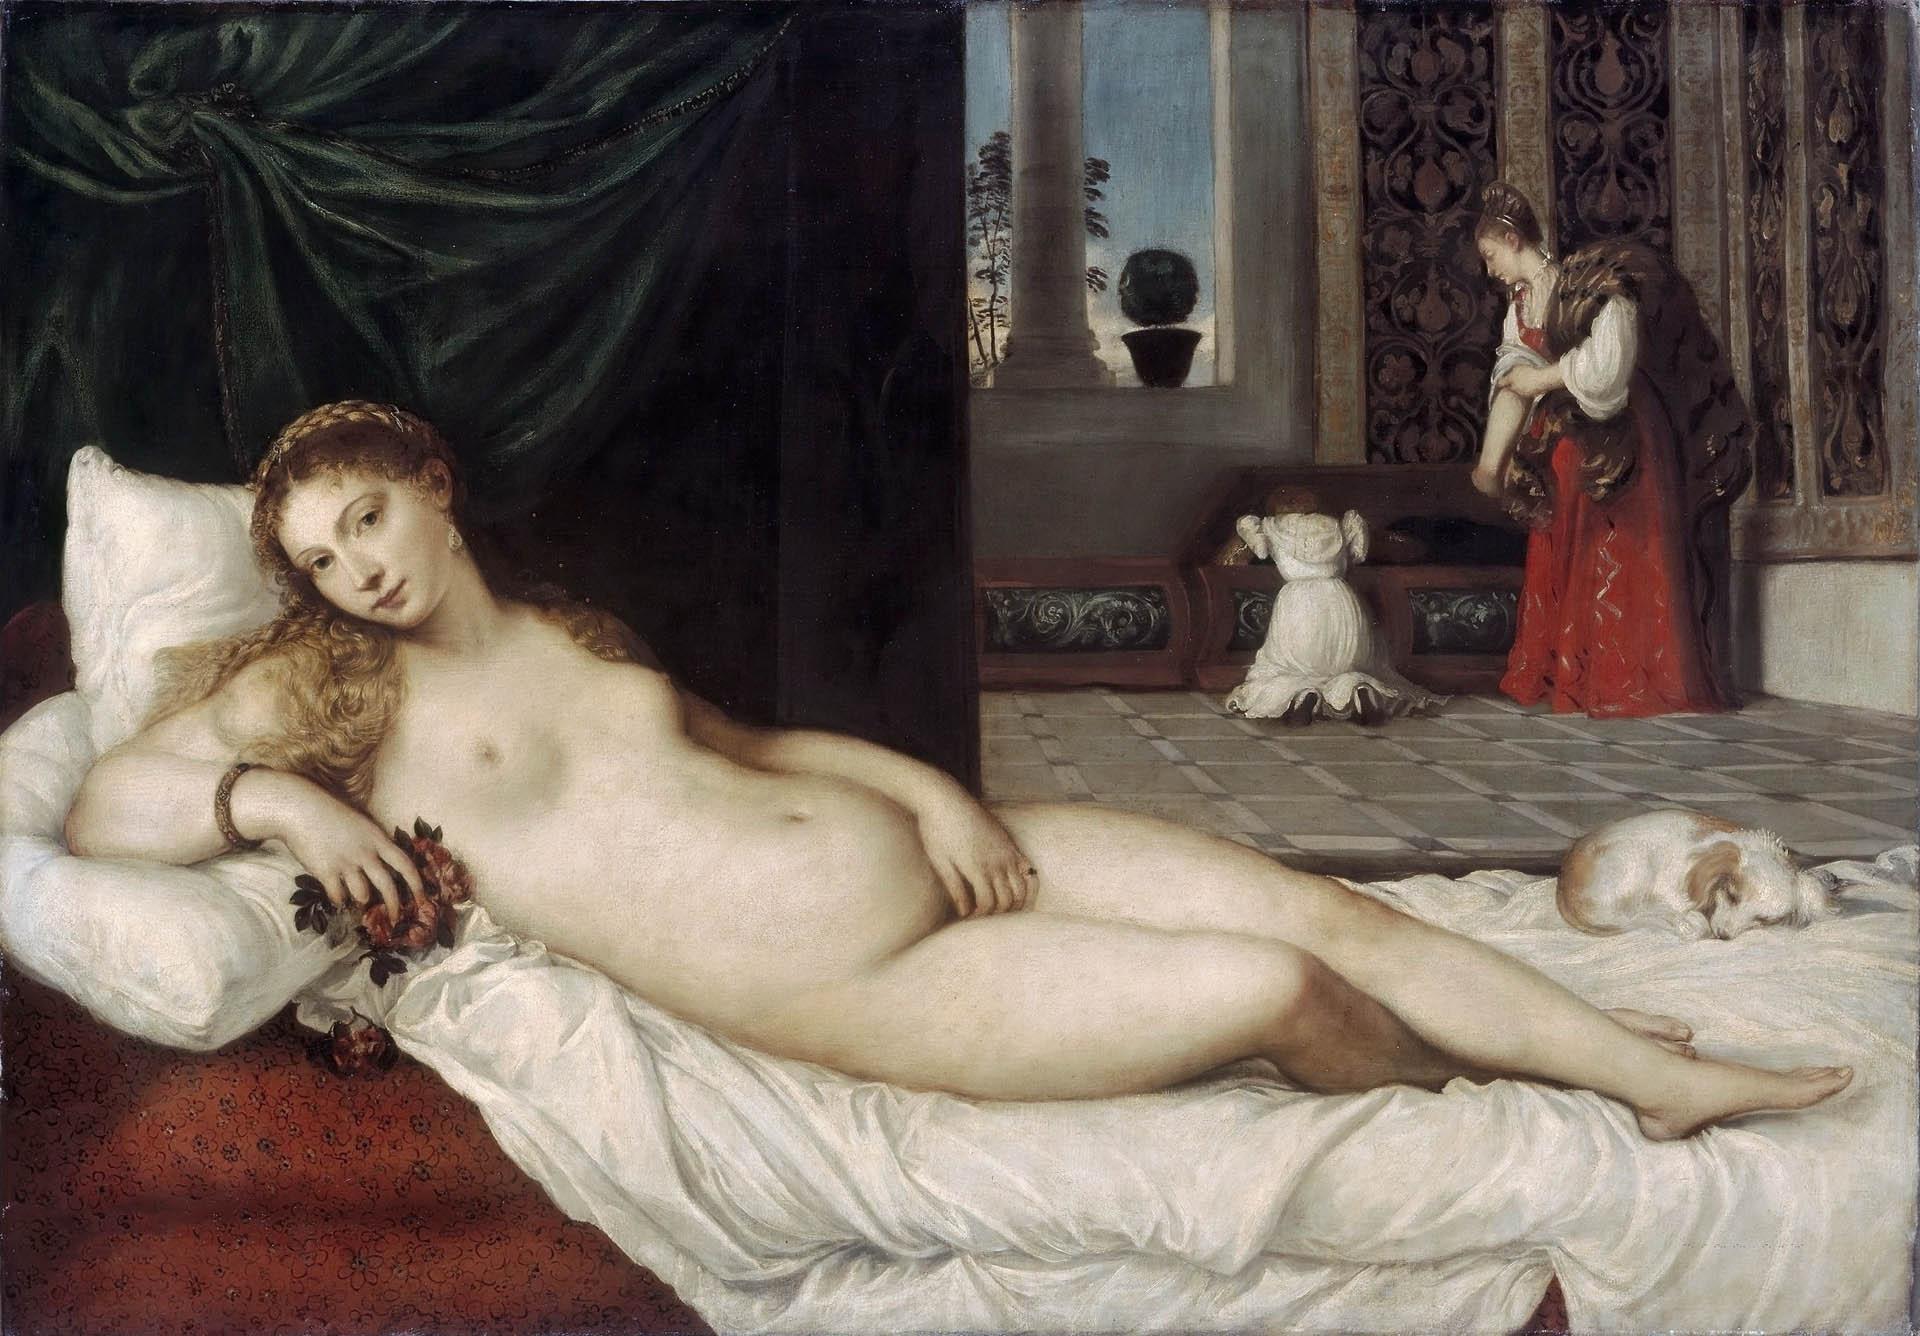 Тициан Вечеллио (Tiziano Vecellio), Венера Урбинская